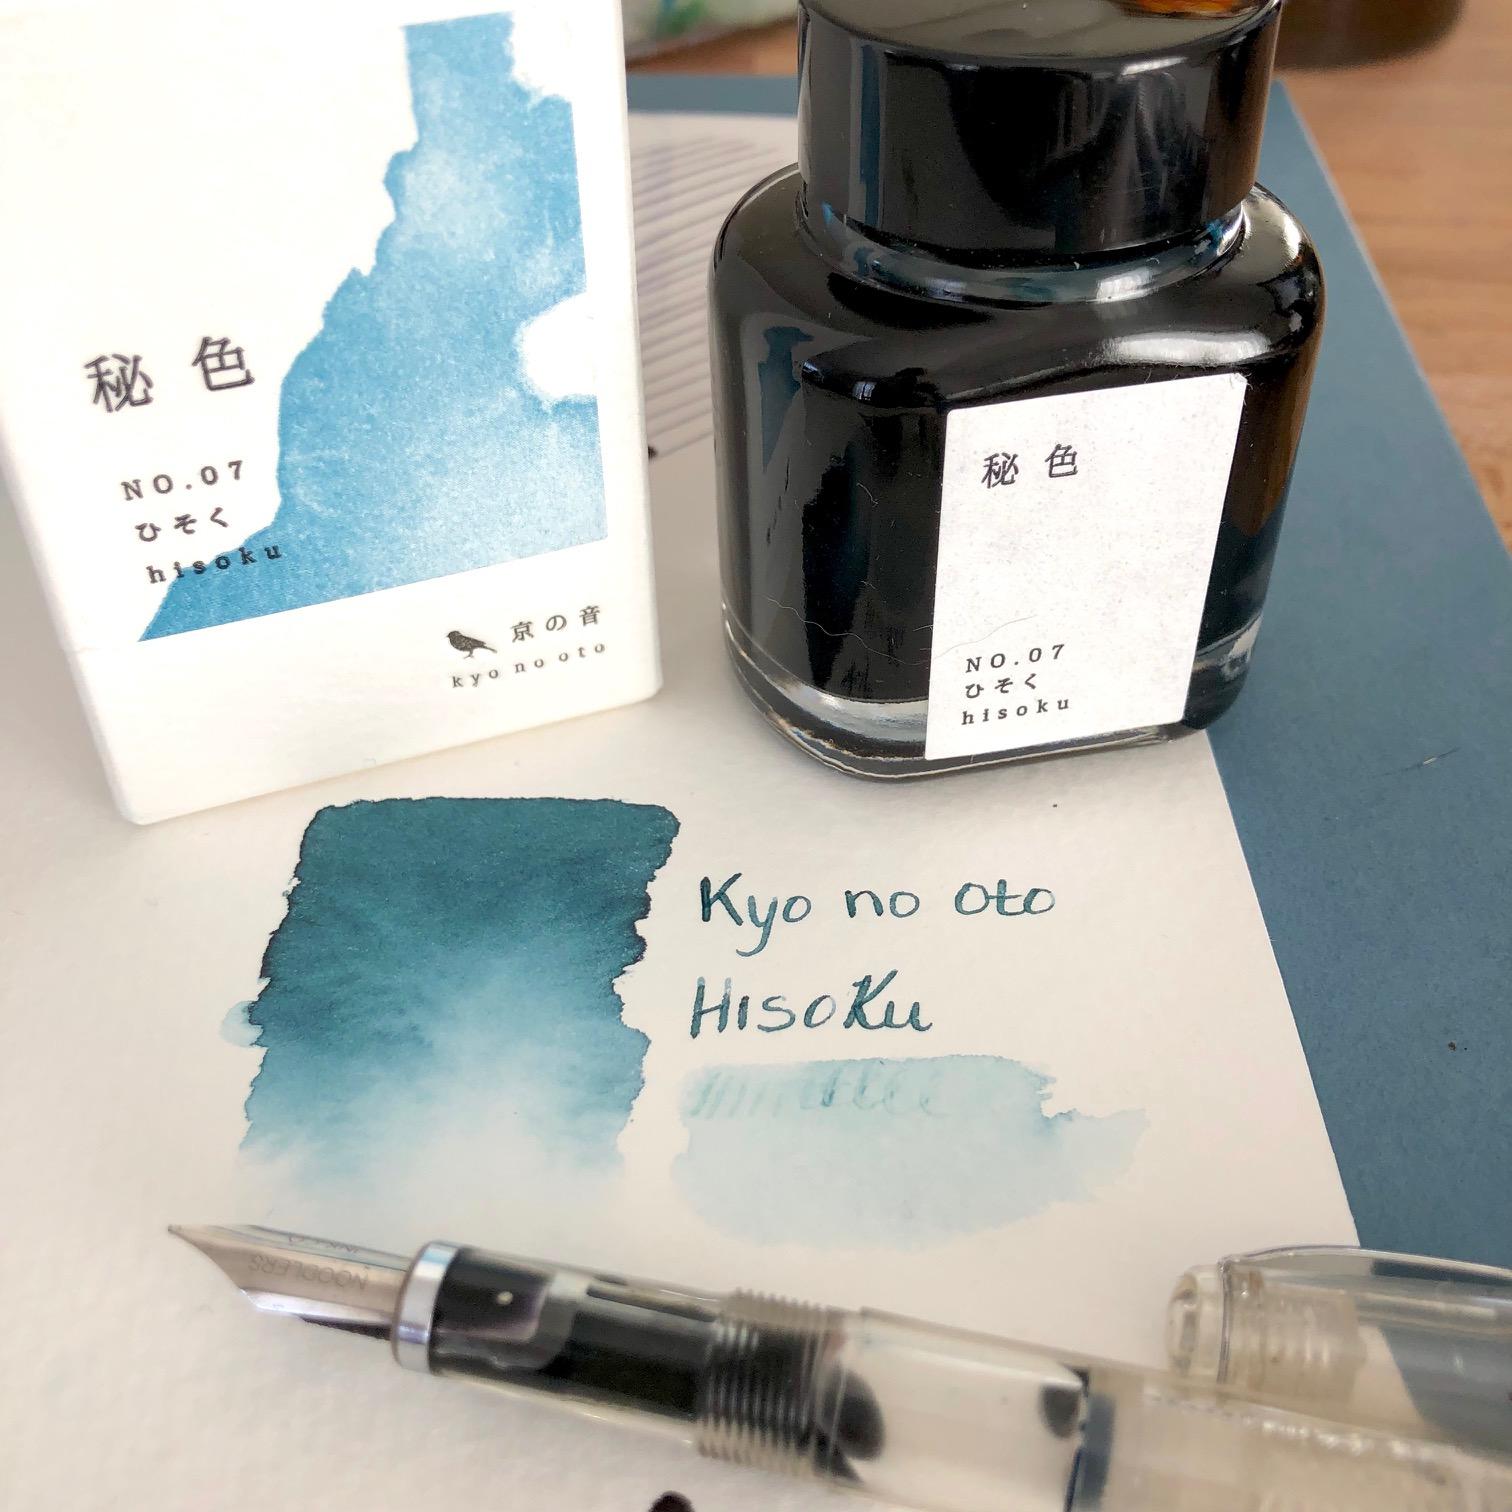 KyonoOto_Hisoku